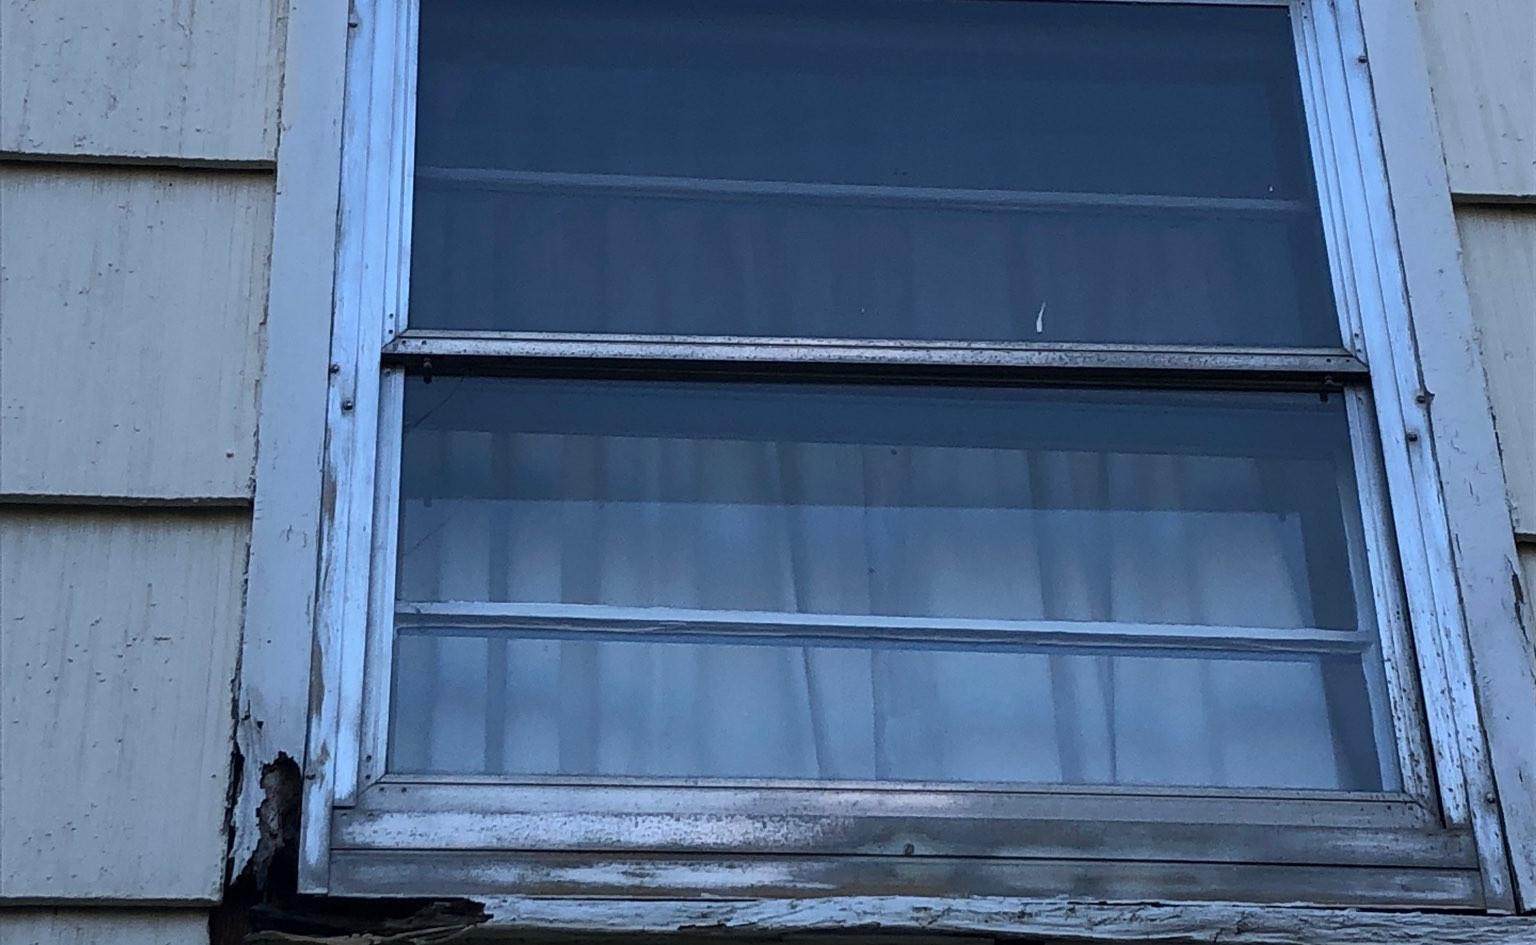 window schmits house 1.jpg